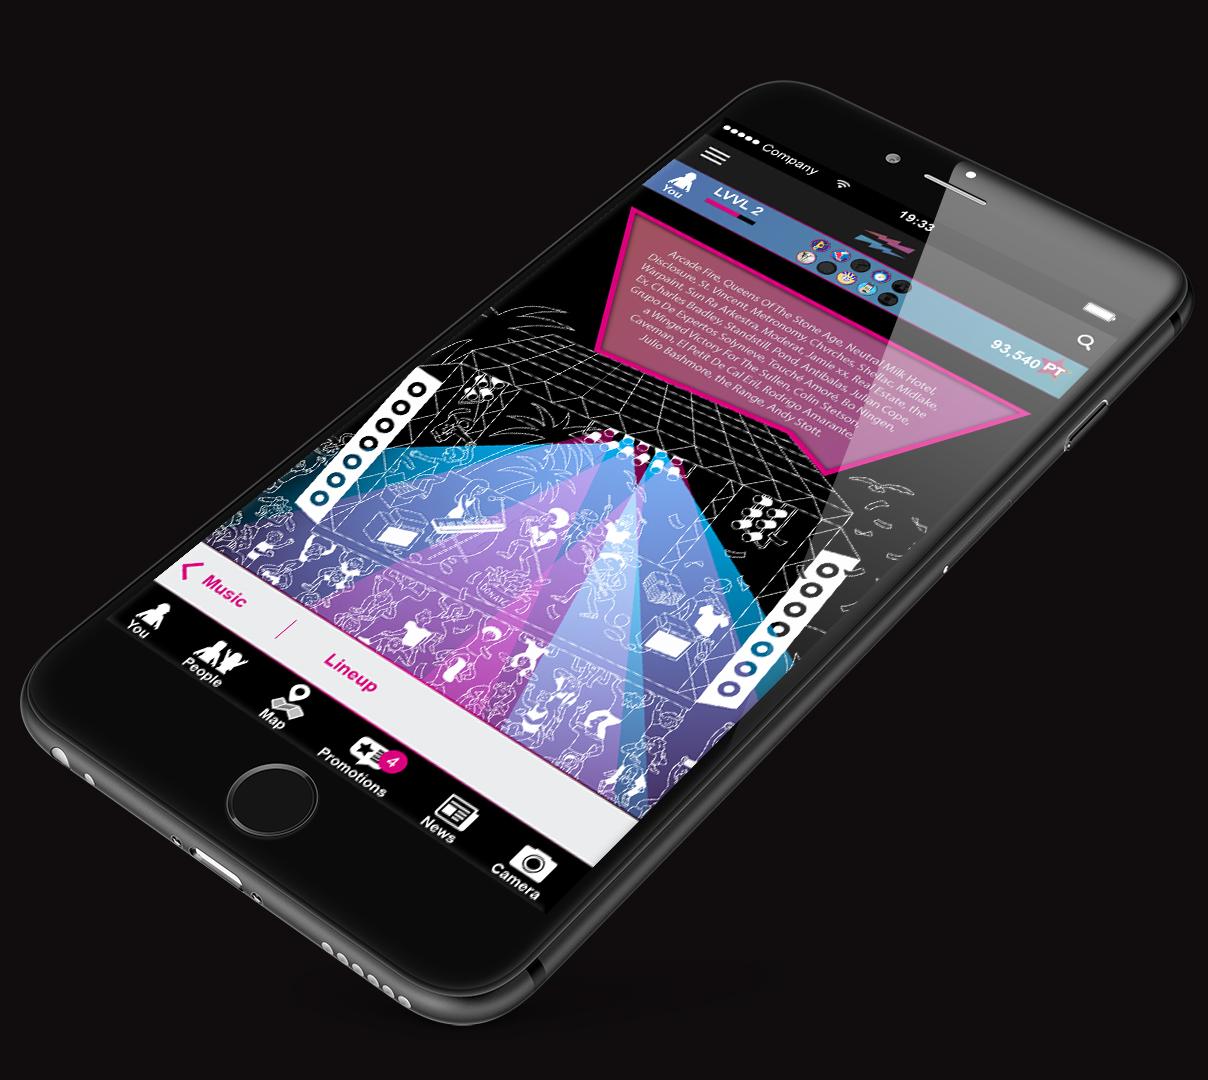 LEVVEL iPhone_app festival music lineup.jpg